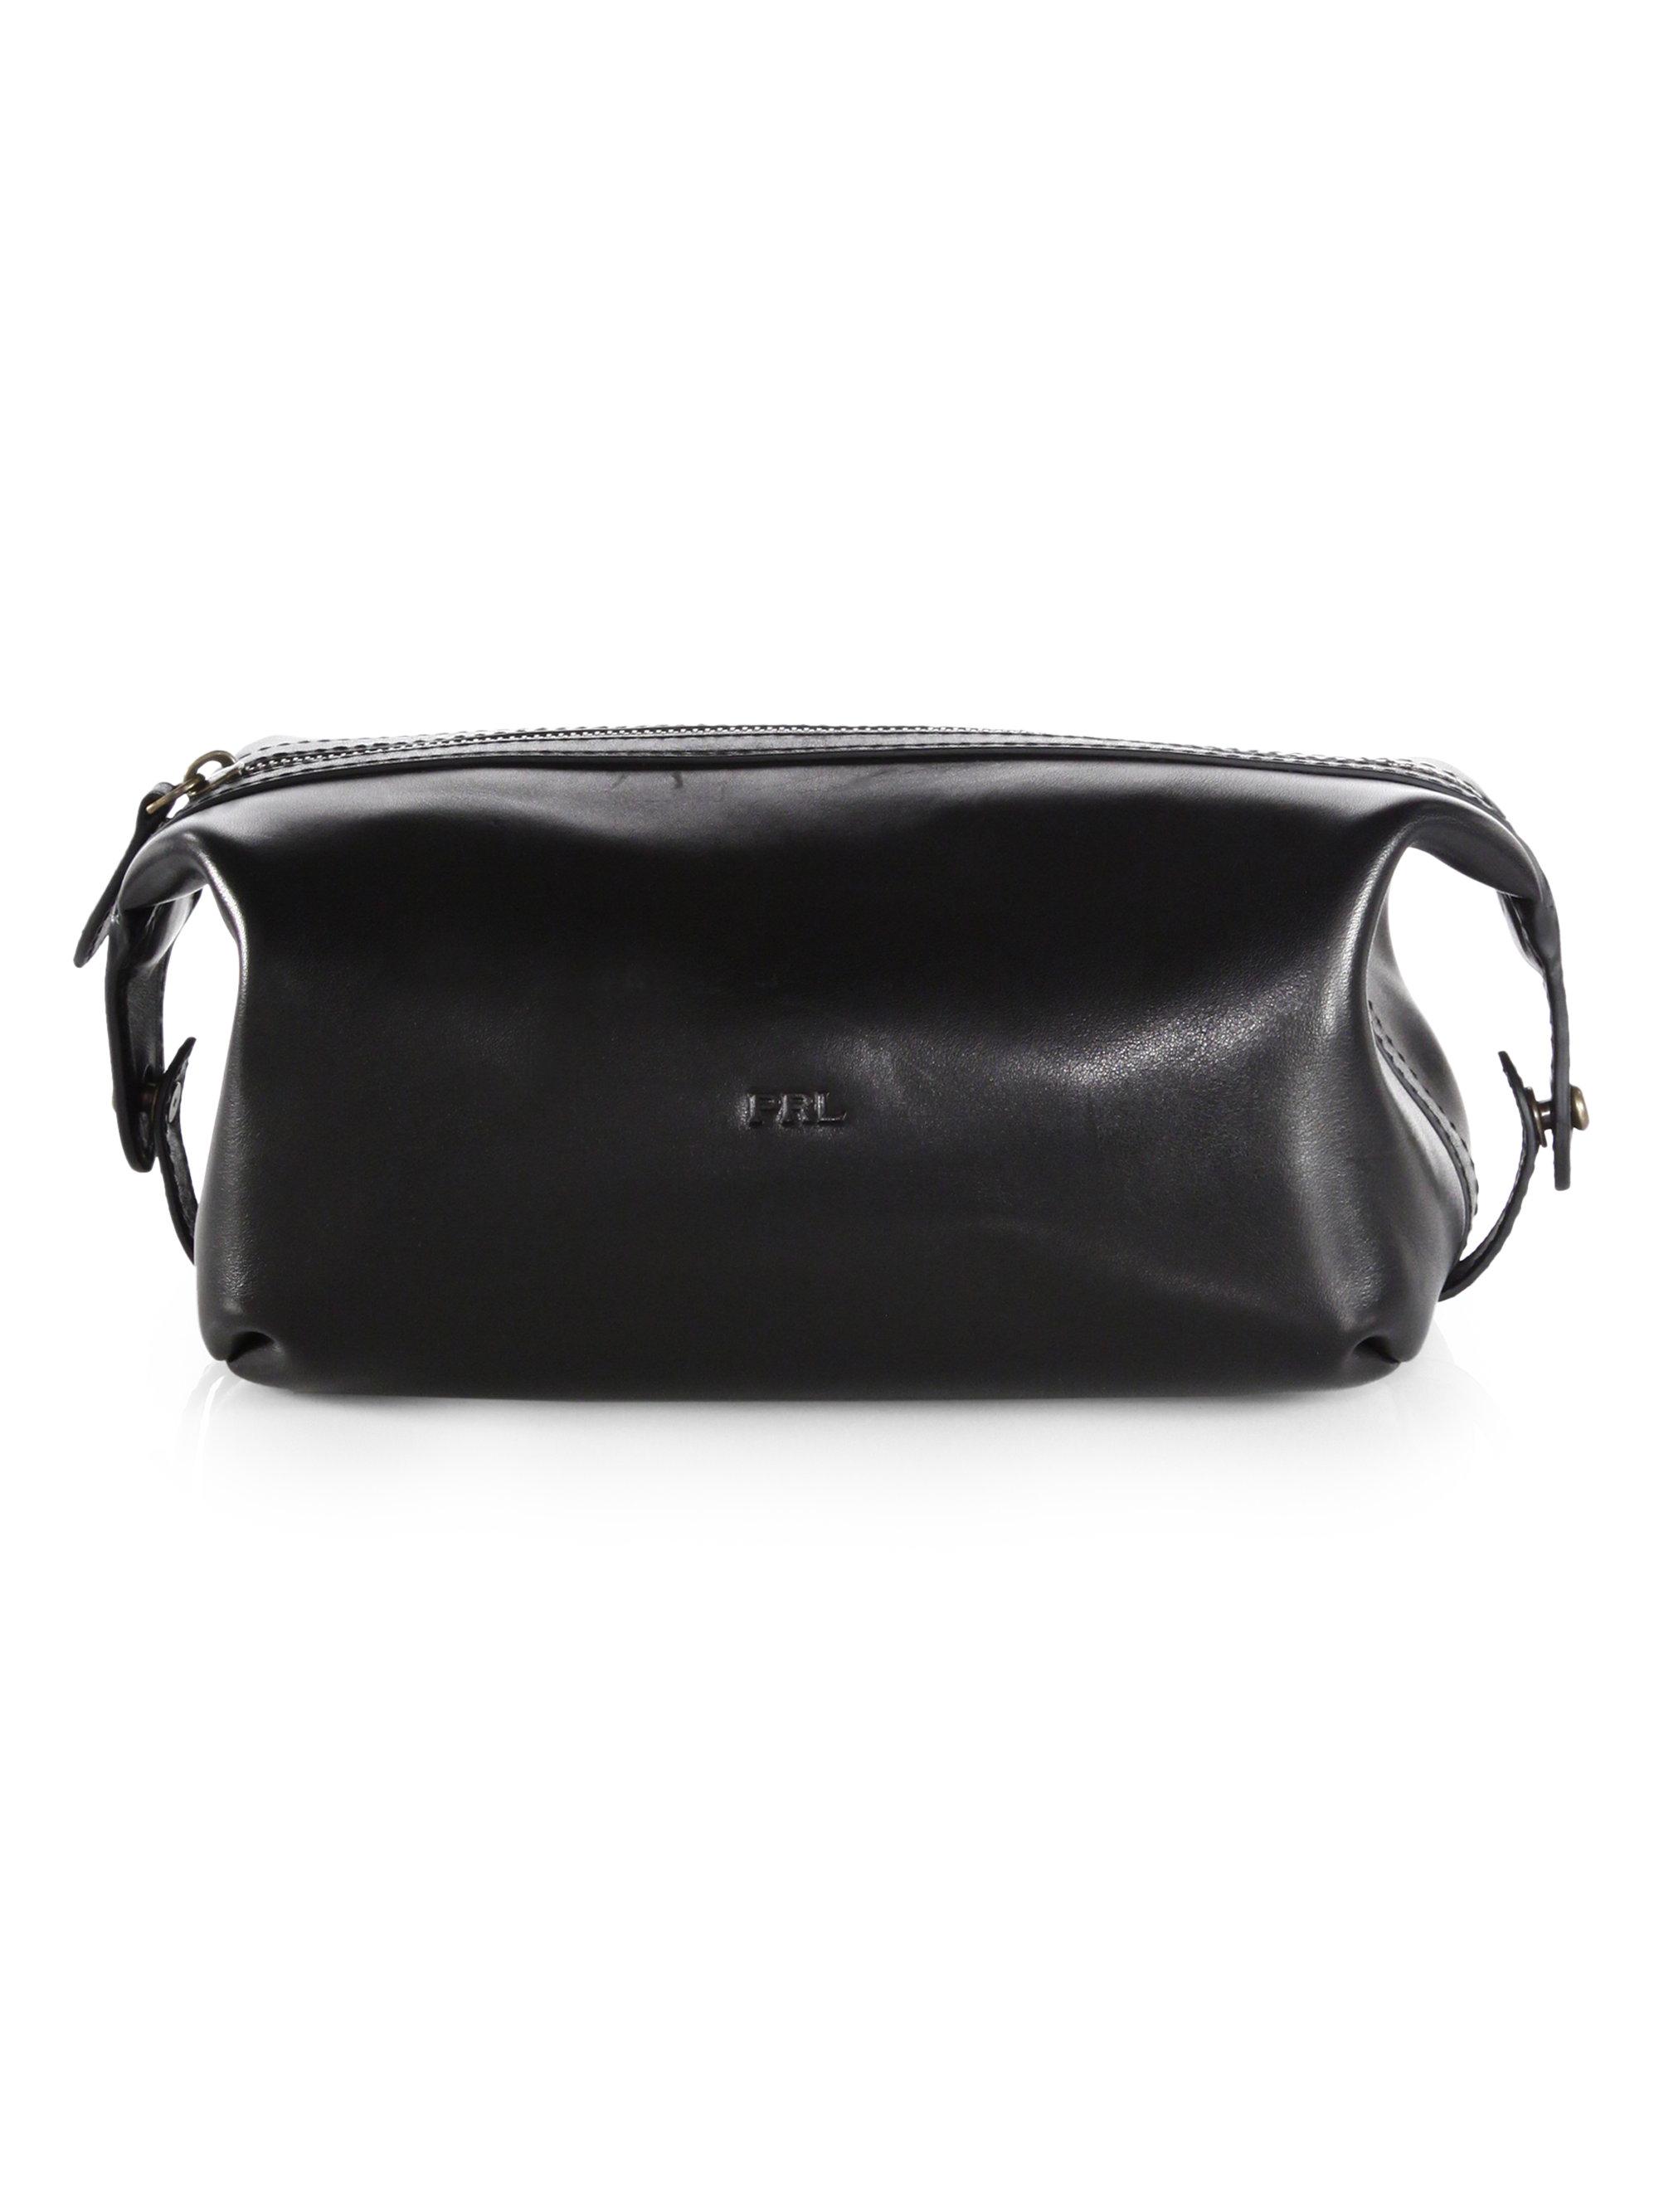 8223606891a6 Lyst - Polo Ralph Lauren Leather Shaving Kit in Black for Men